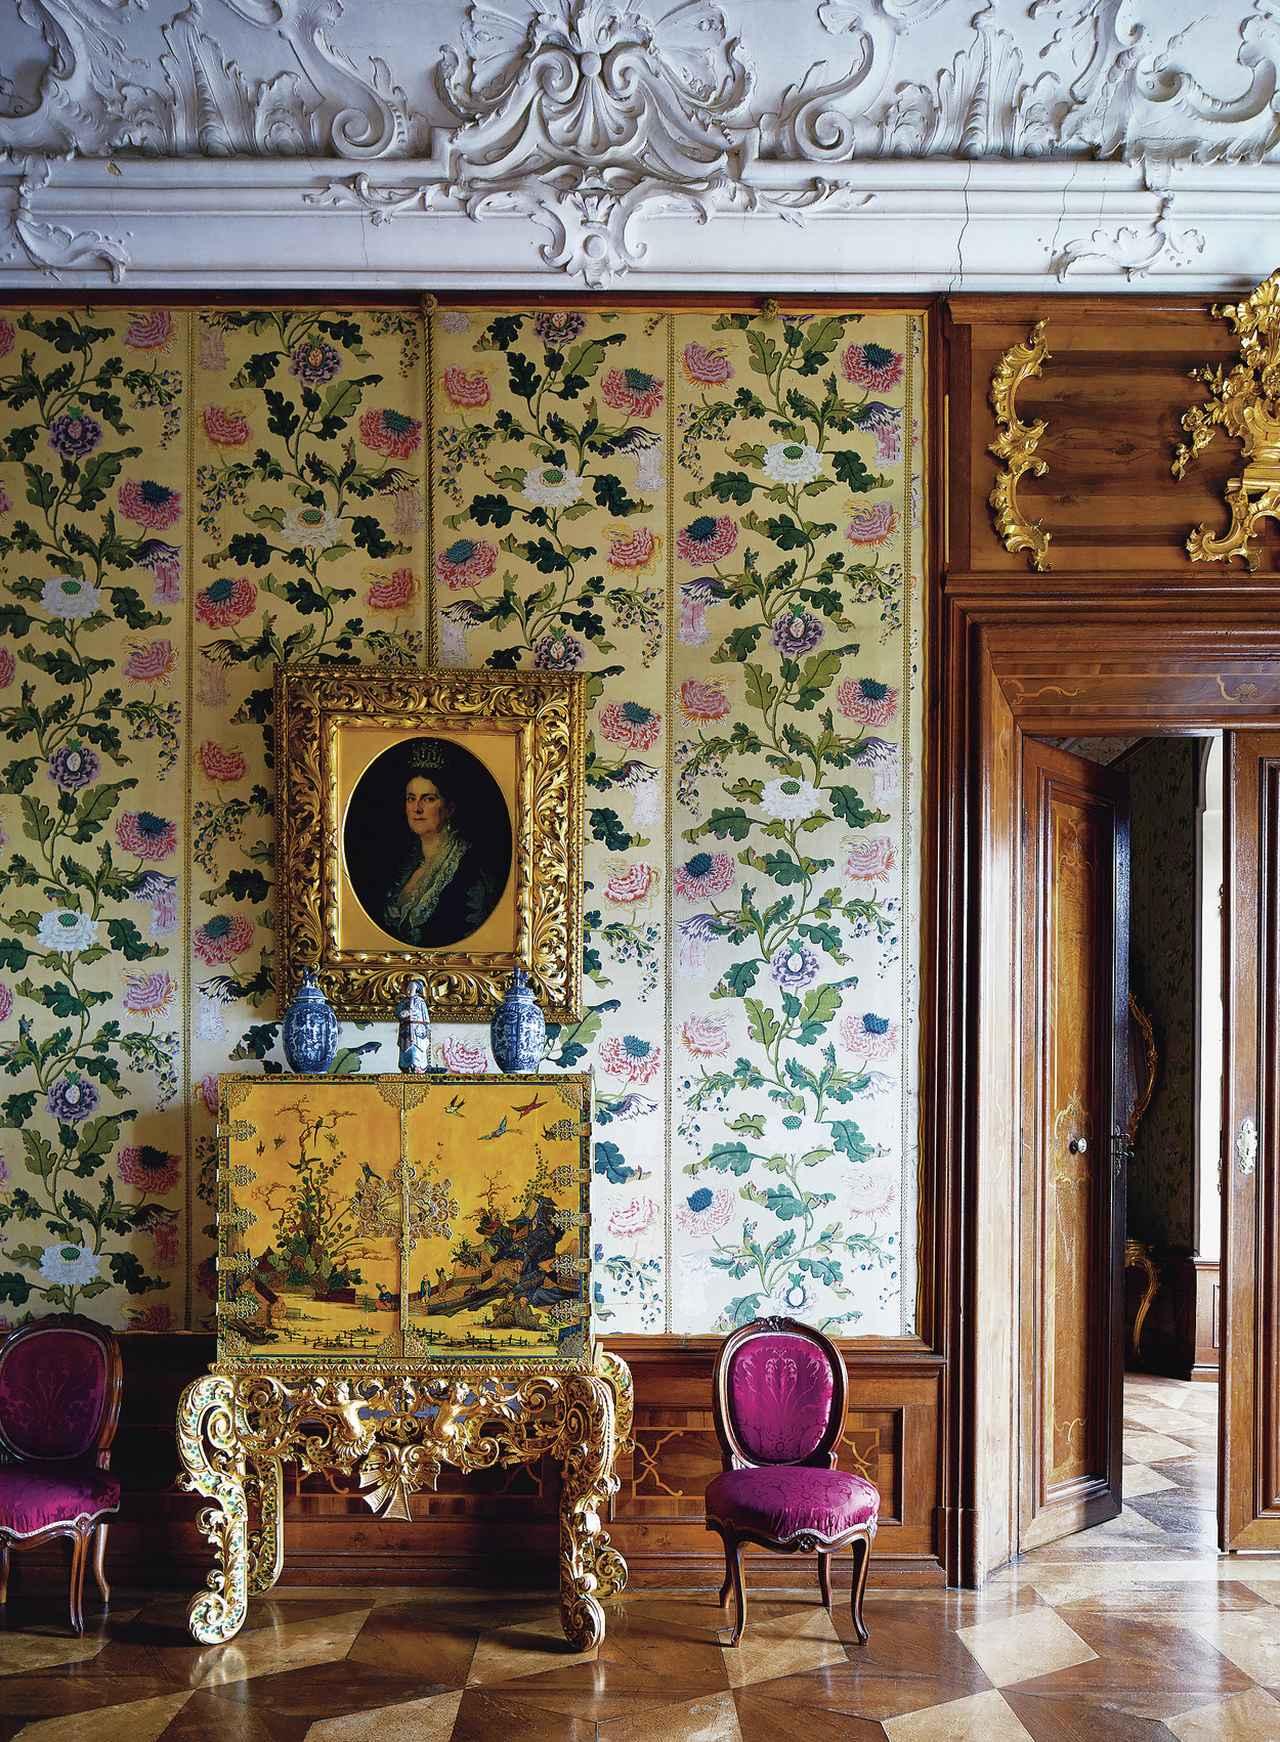 画像: ホレネック城の中の、ほとんど使われていない歴史豊かな部屋やその調度品は、驚くほどよい状態で保存されている。たとえば、天井にあしらわれたバロック様式の漆喰の模様から、18世紀の中国の屛風や壺。さらに19世紀のオーストリア製の椅子や、プリンセス・ヘンリエッテ・フォン・リヒテンシュタインの肖像画まで